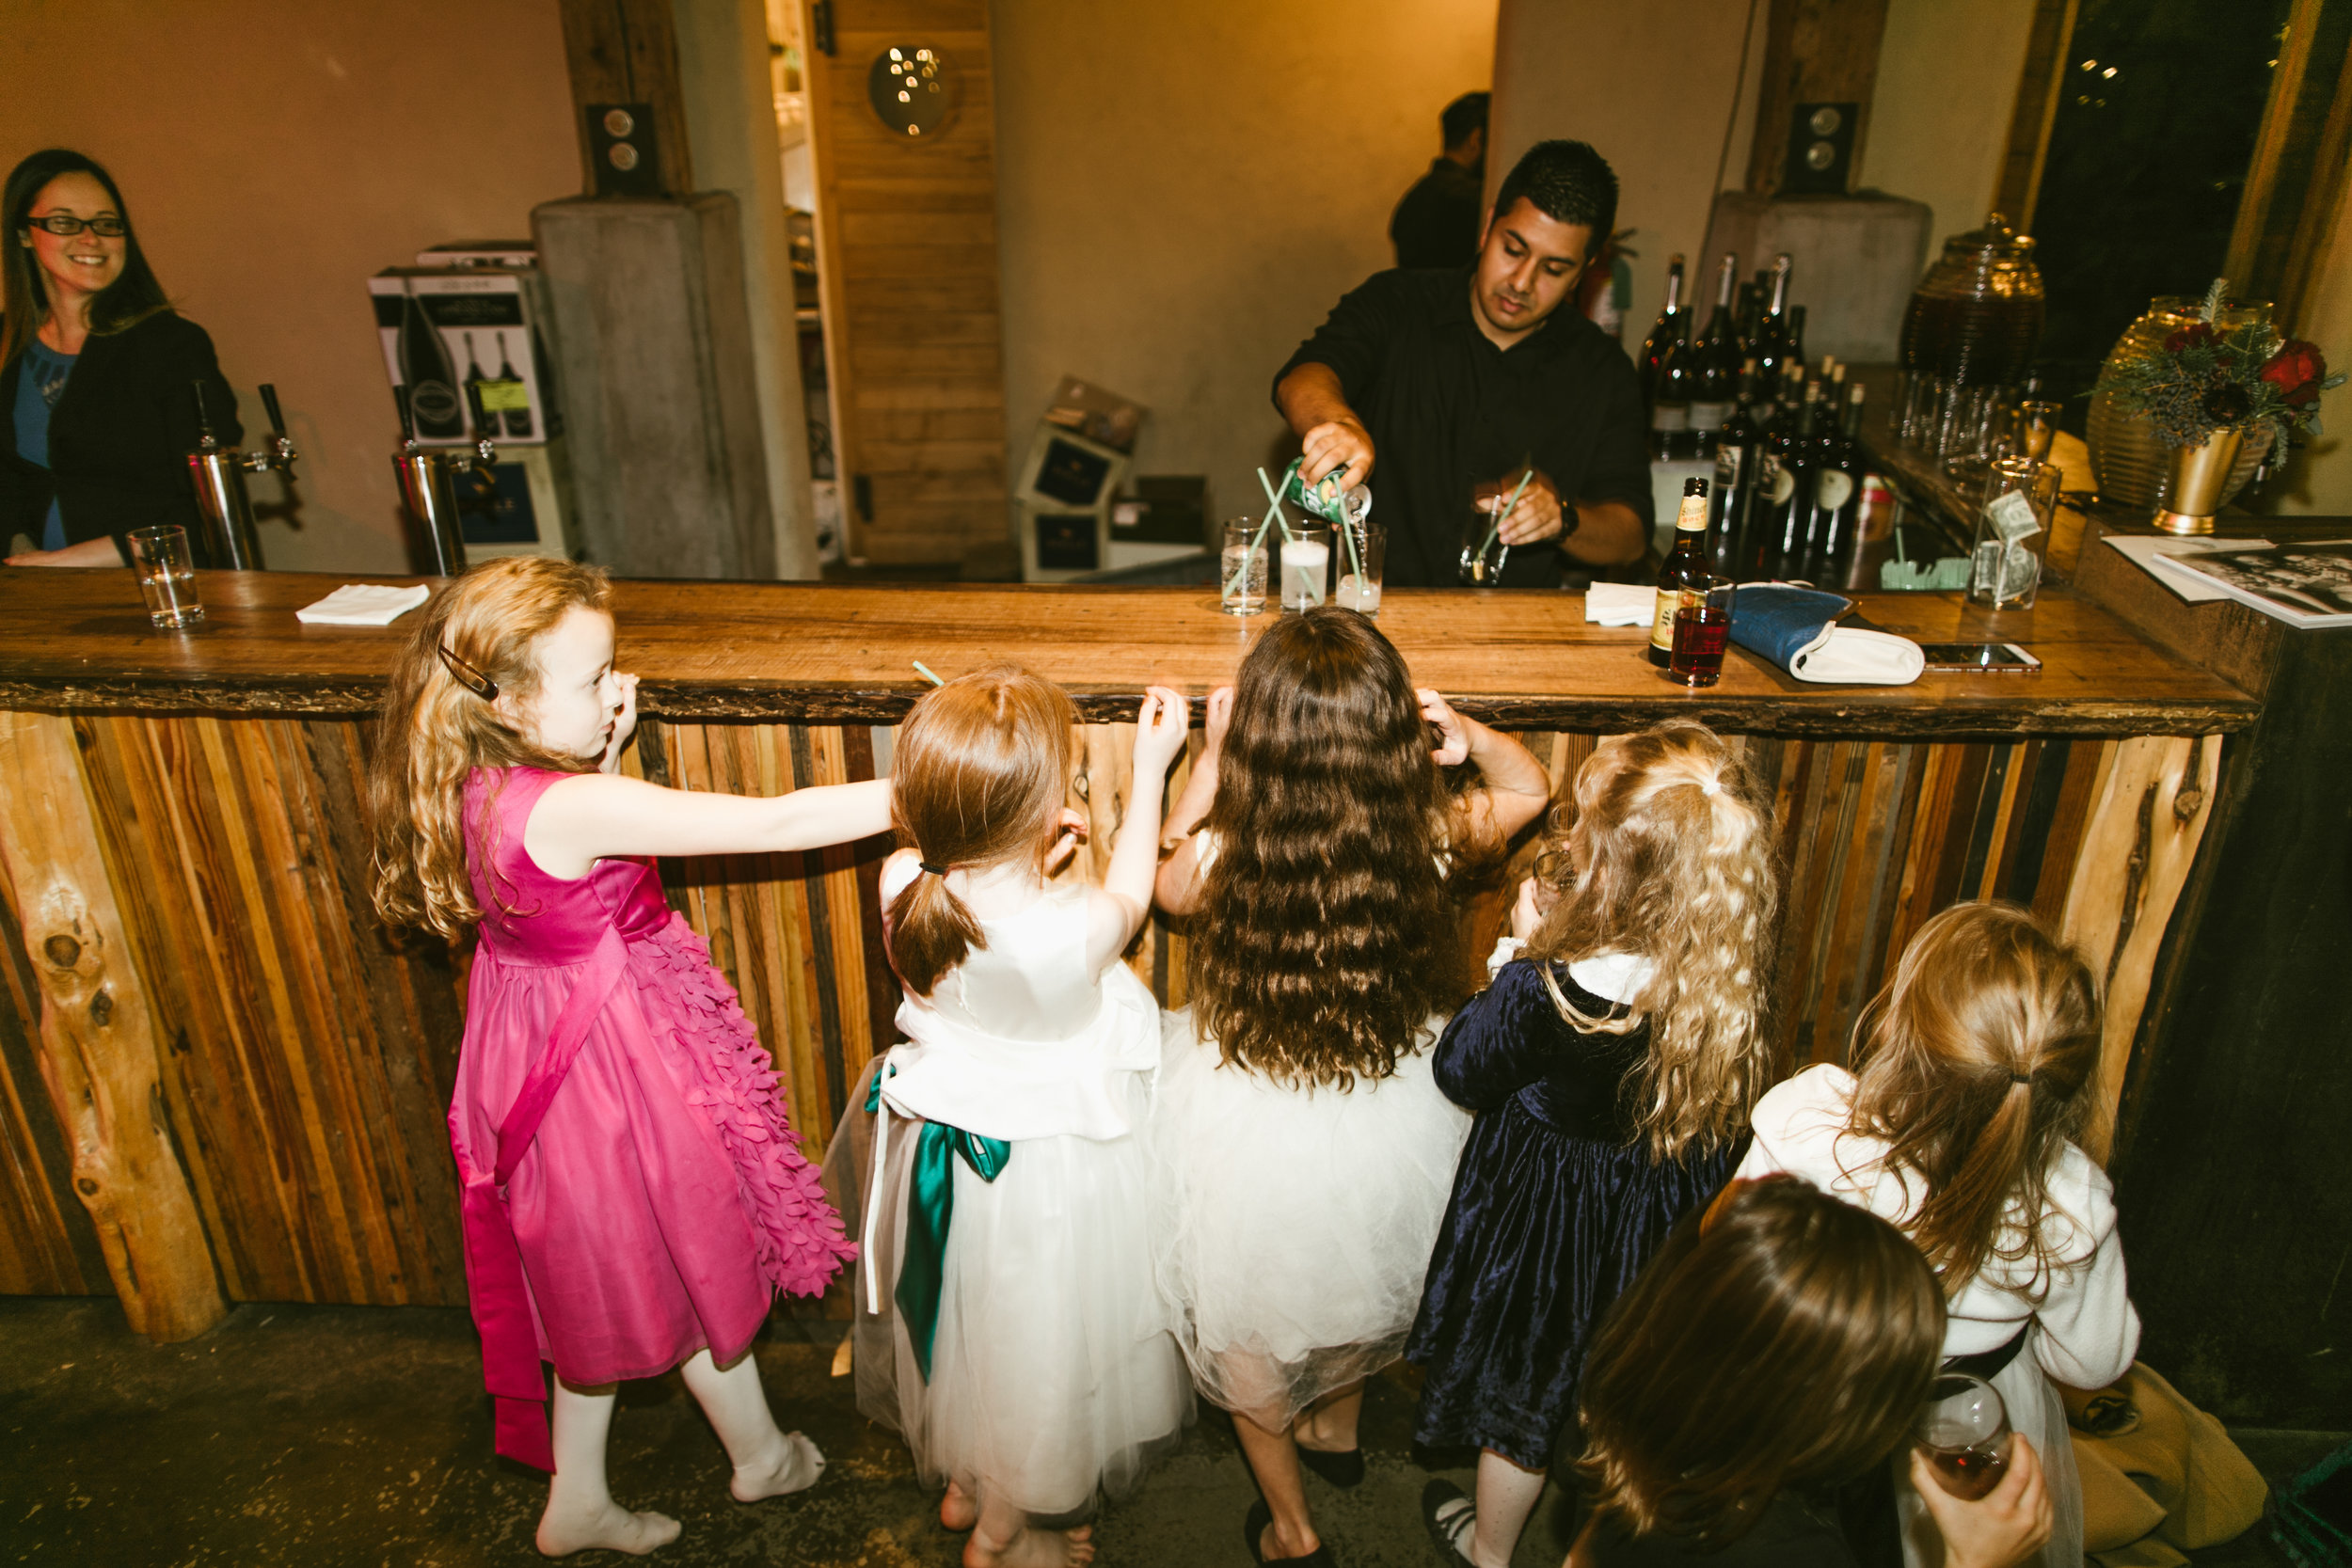 ALL the little girls.